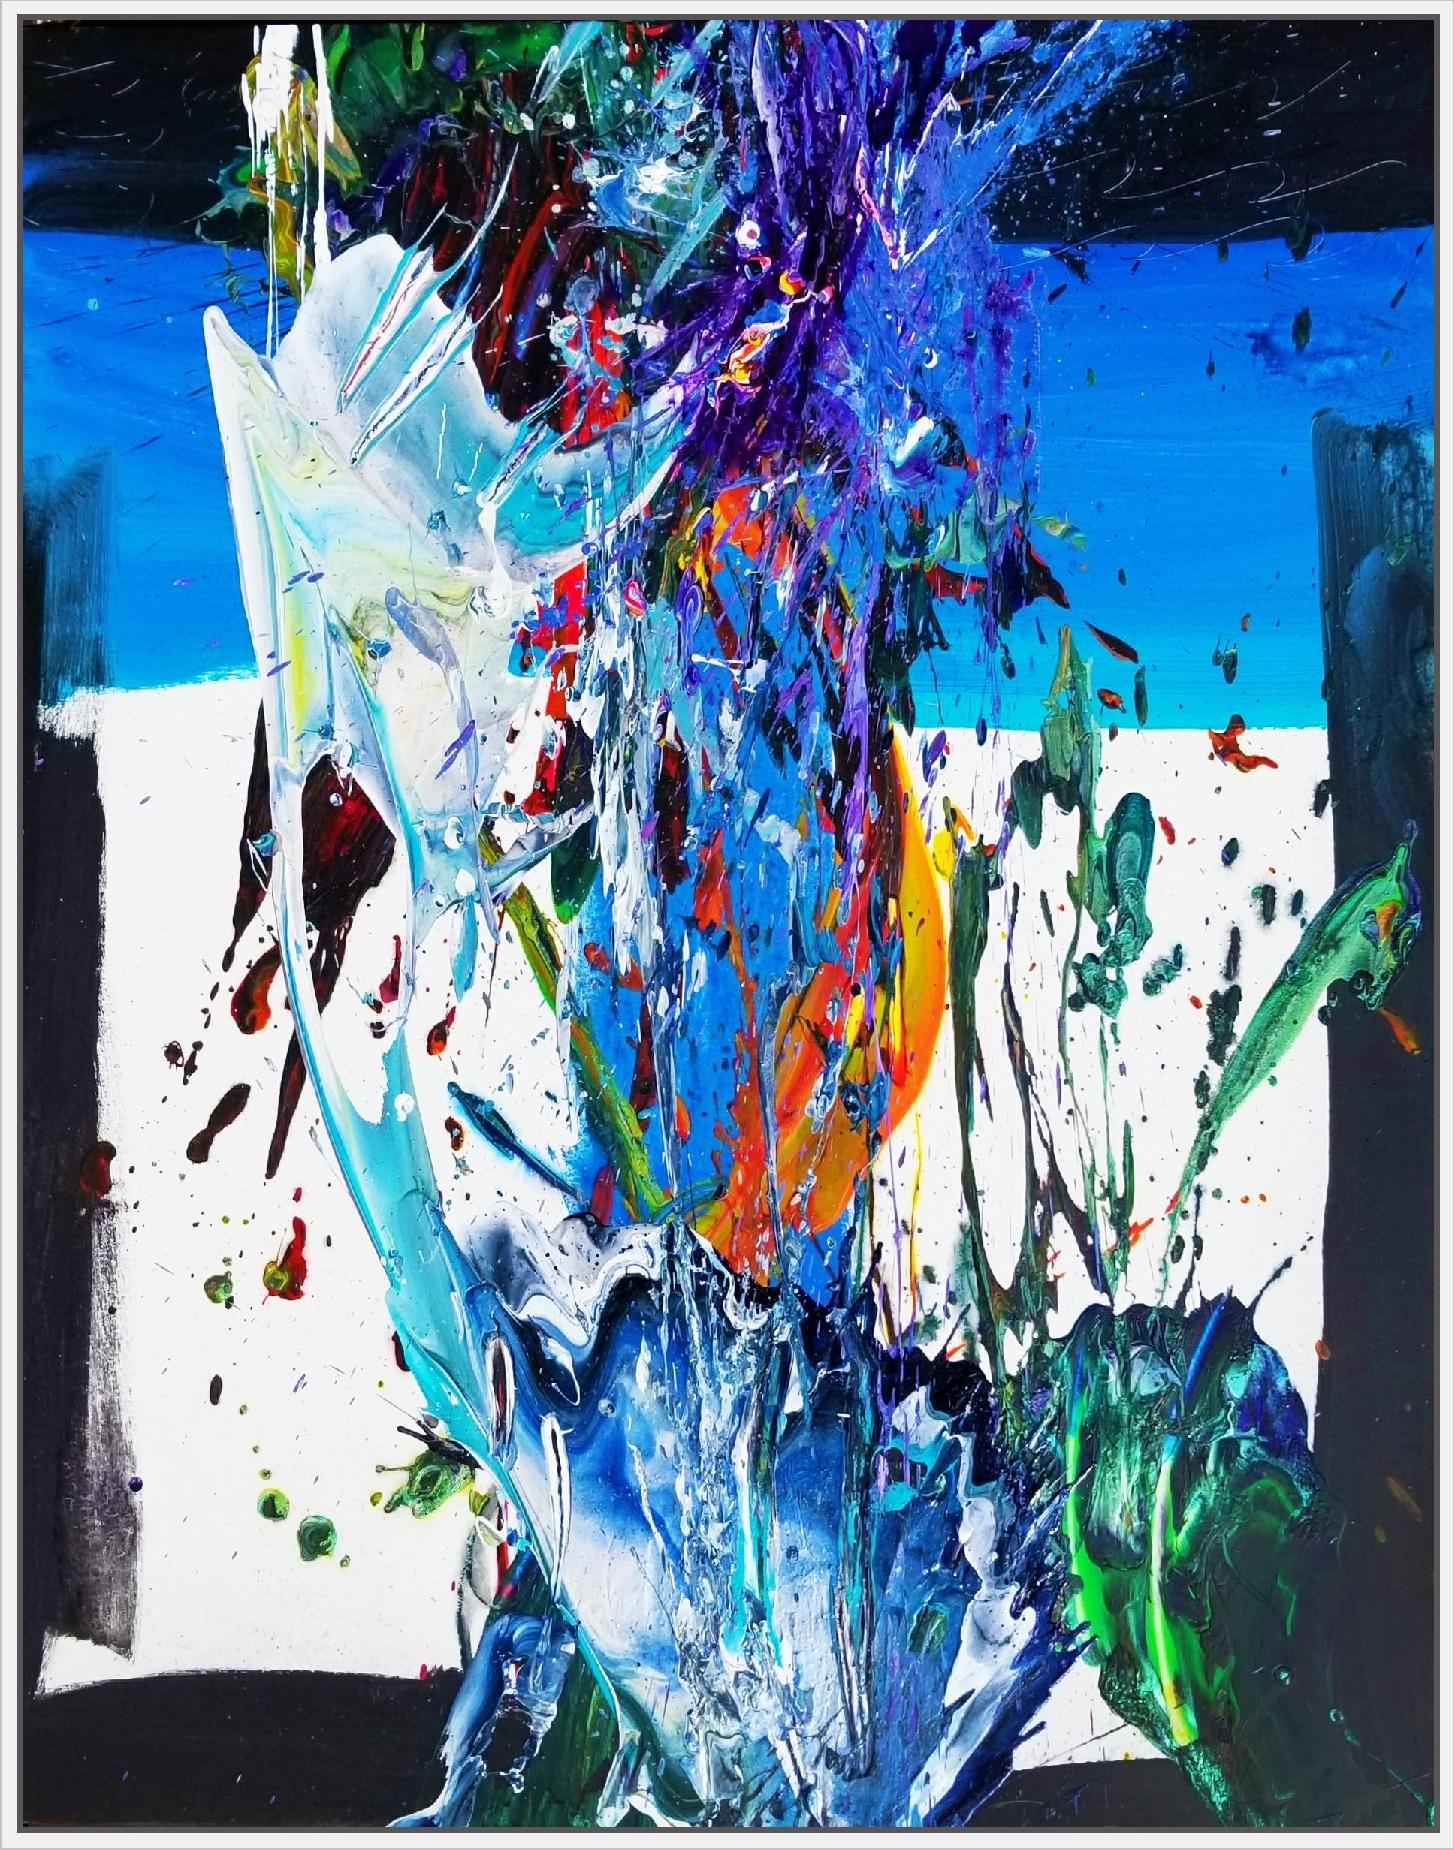 """SP² #92, 2018, acrylic on canvas, 60"""" x 48"""" (152.4 x 122 cm)"""